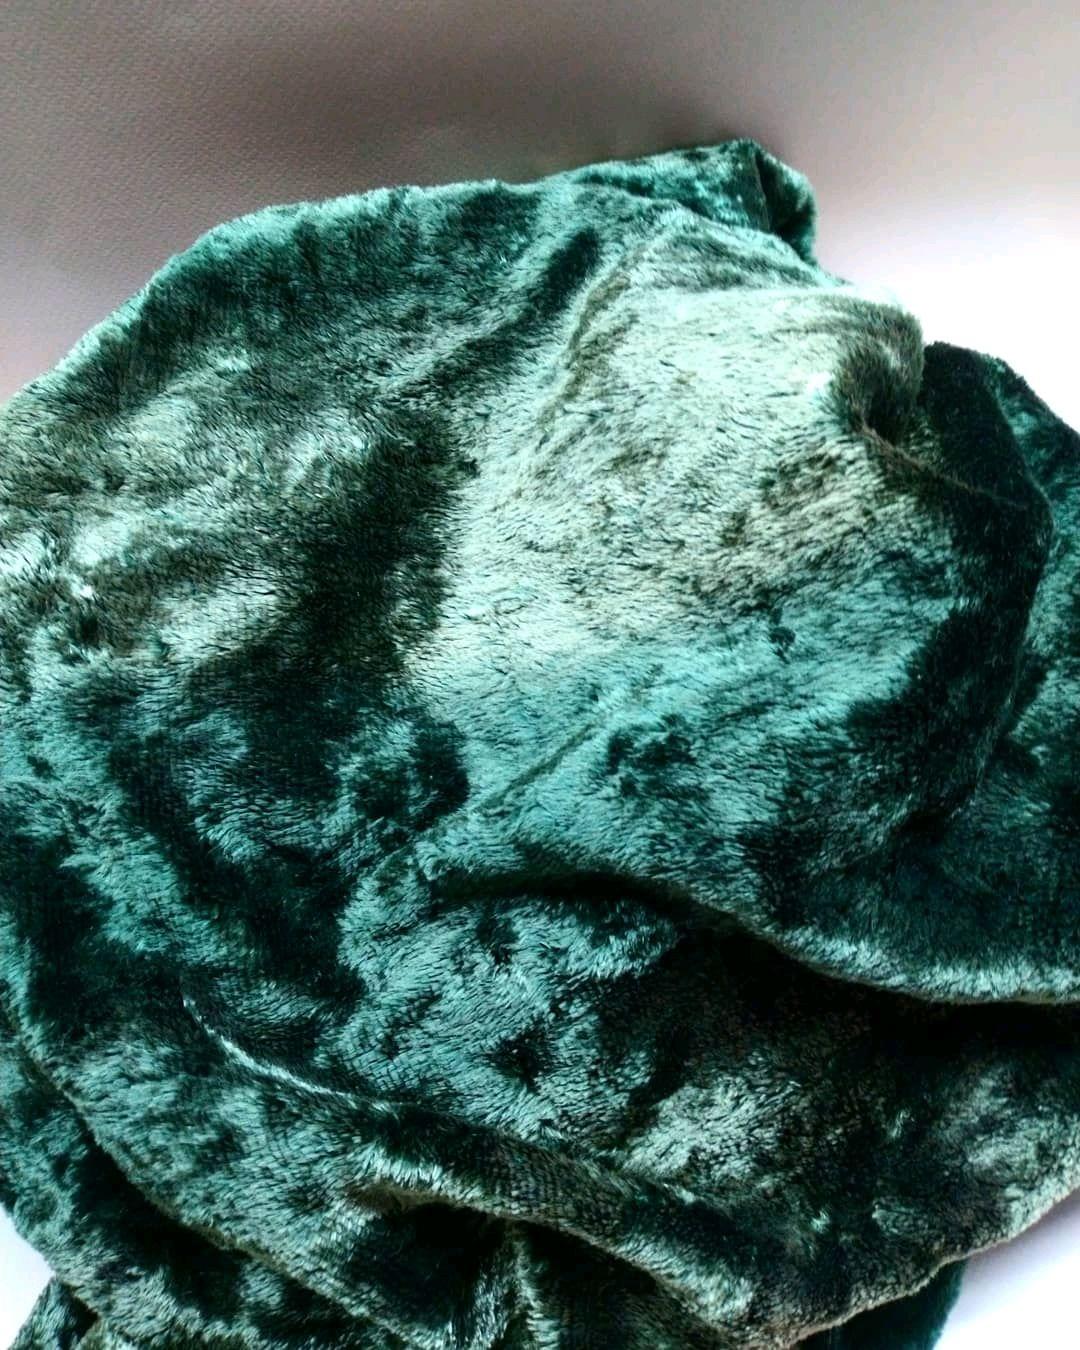 Винтажные предметы интерьера. Ярмарка Мастеров - ручная работа. Купить Винтаж: Отрез винтажного плюша. Handmade. Плюшевый мишка, для тедди